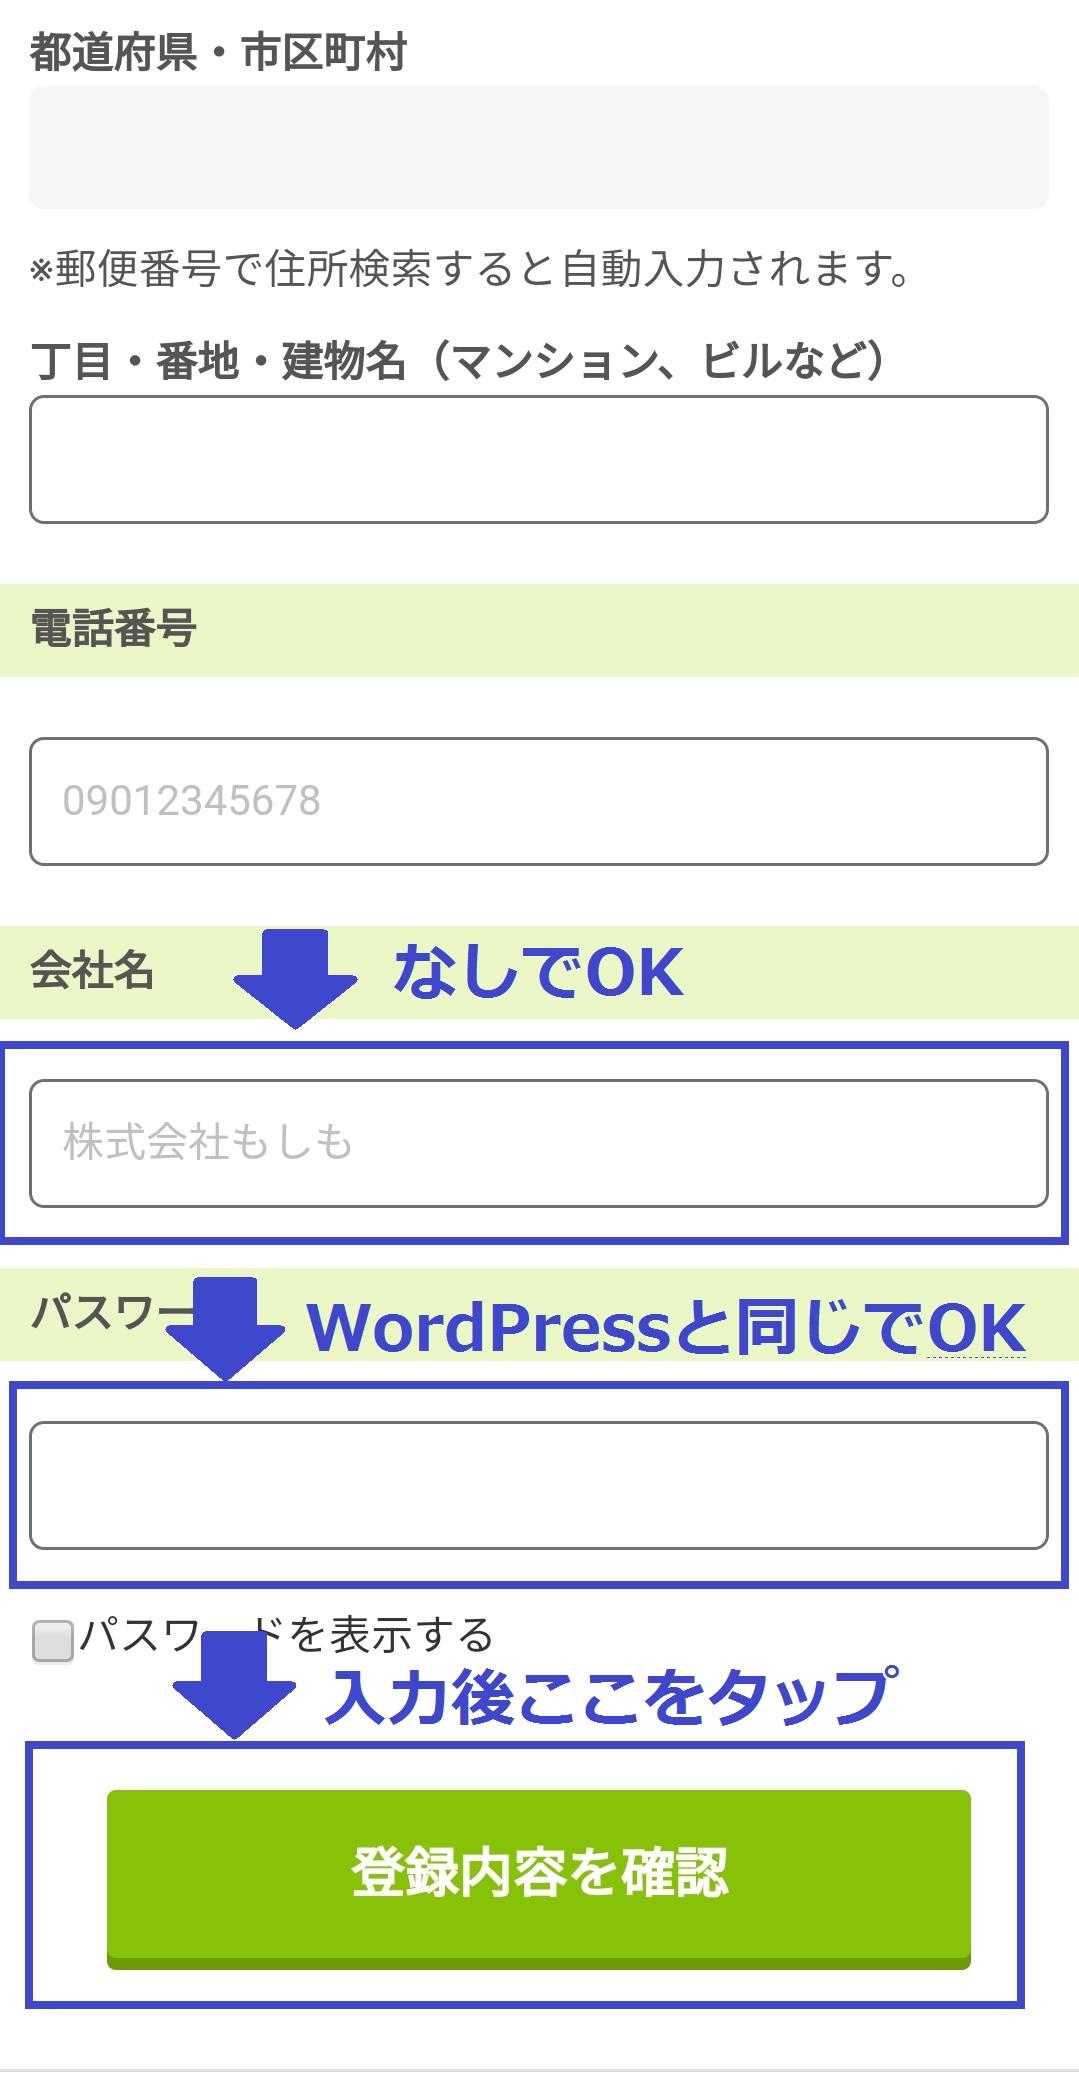 スマホでブログの始め方を説明するもしもアフィリエイトの本登録情報の入力4